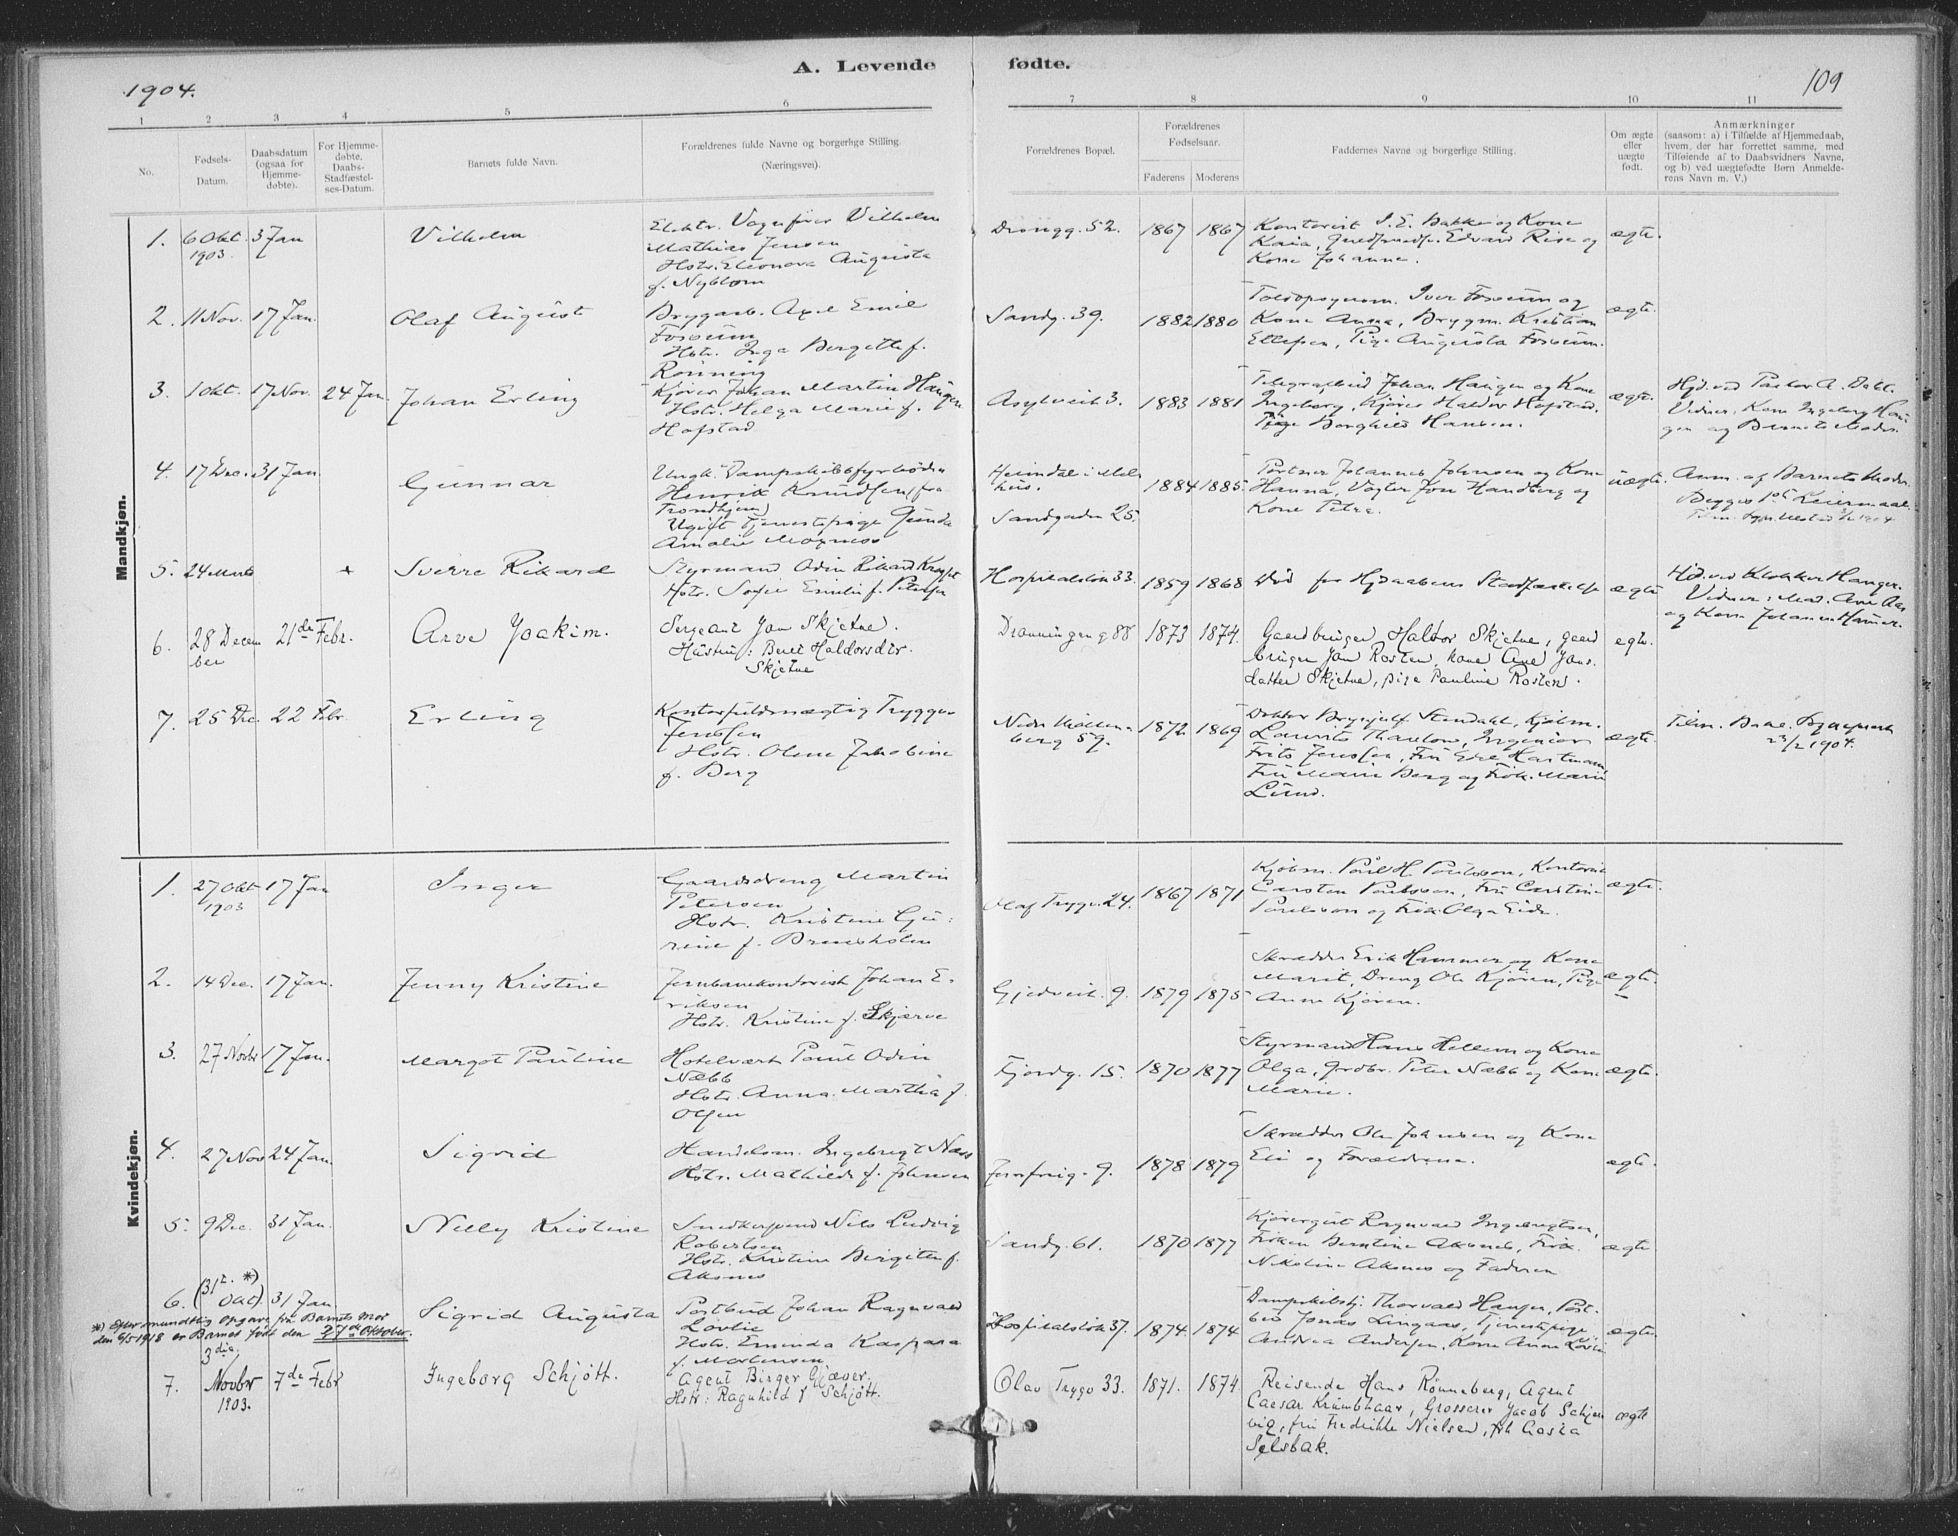 SAT, Ministerialprotokoller, klokkerbøker og fødselsregistre - Sør-Trøndelag, 602/L0122: Ministerialbok nr. 602A20, 1892-1908, s. 109